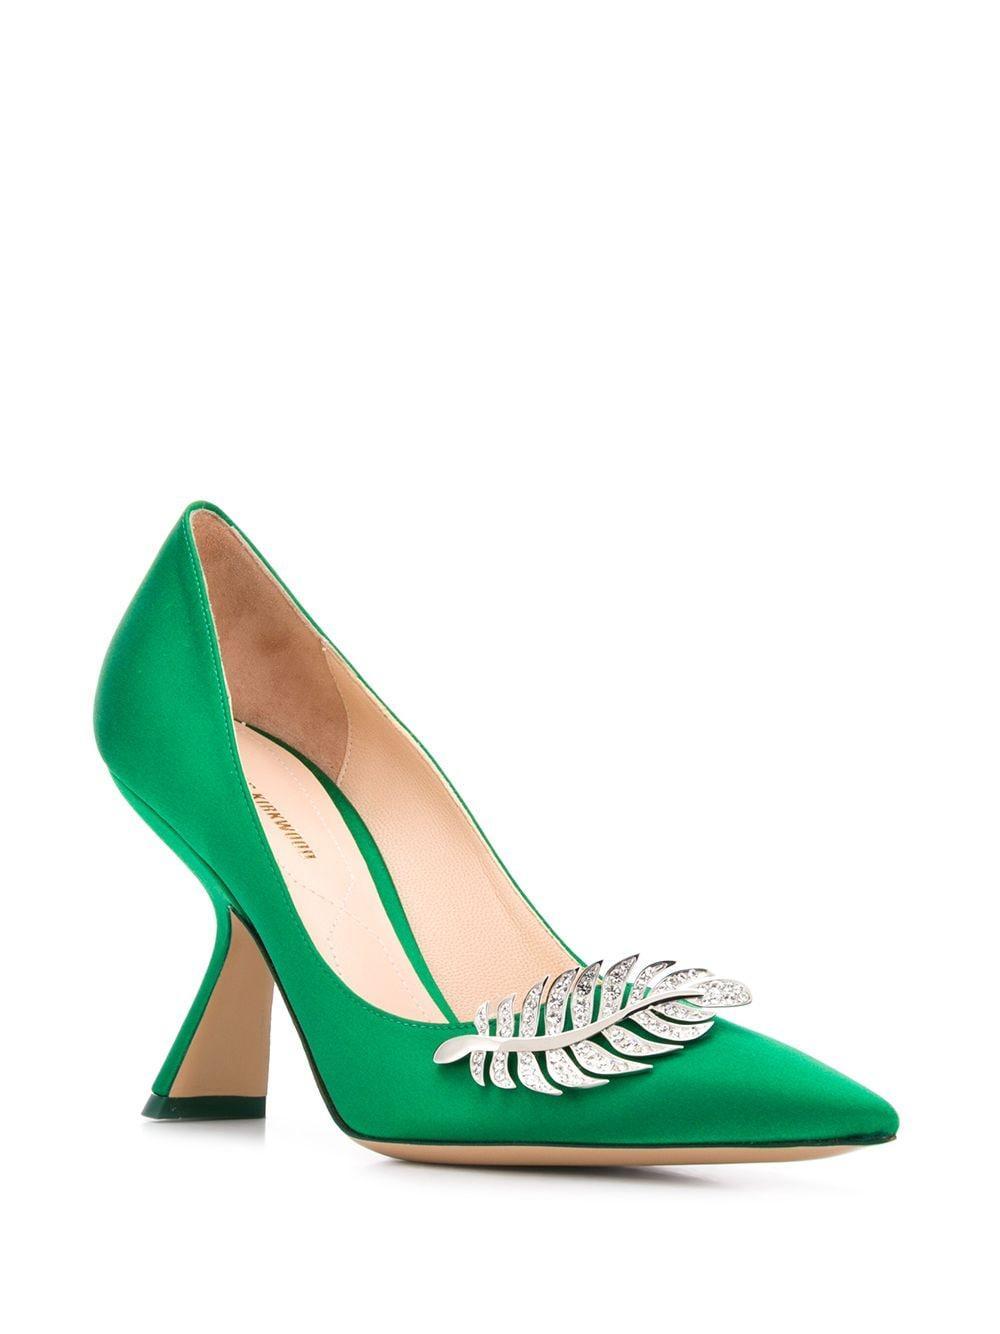 Zapatos de tacón Monstera Nicholas Kirkwood de Raso de color Verde